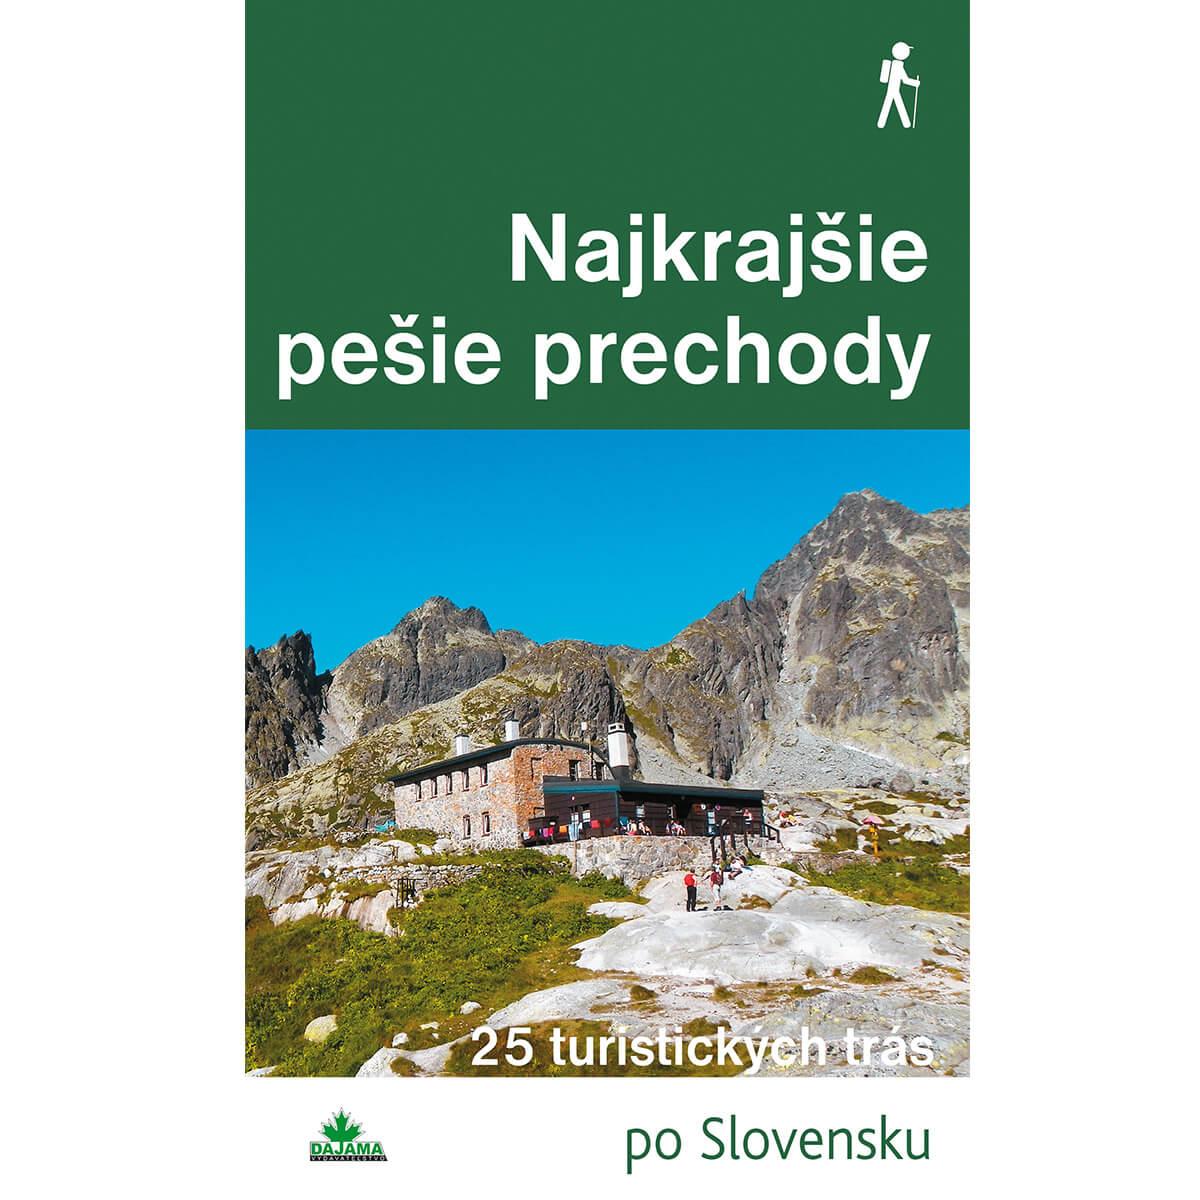 Kniha Najkrajšie pešie prechody - 25 turistických trás po Slovensku z vydavateľstva Dajama